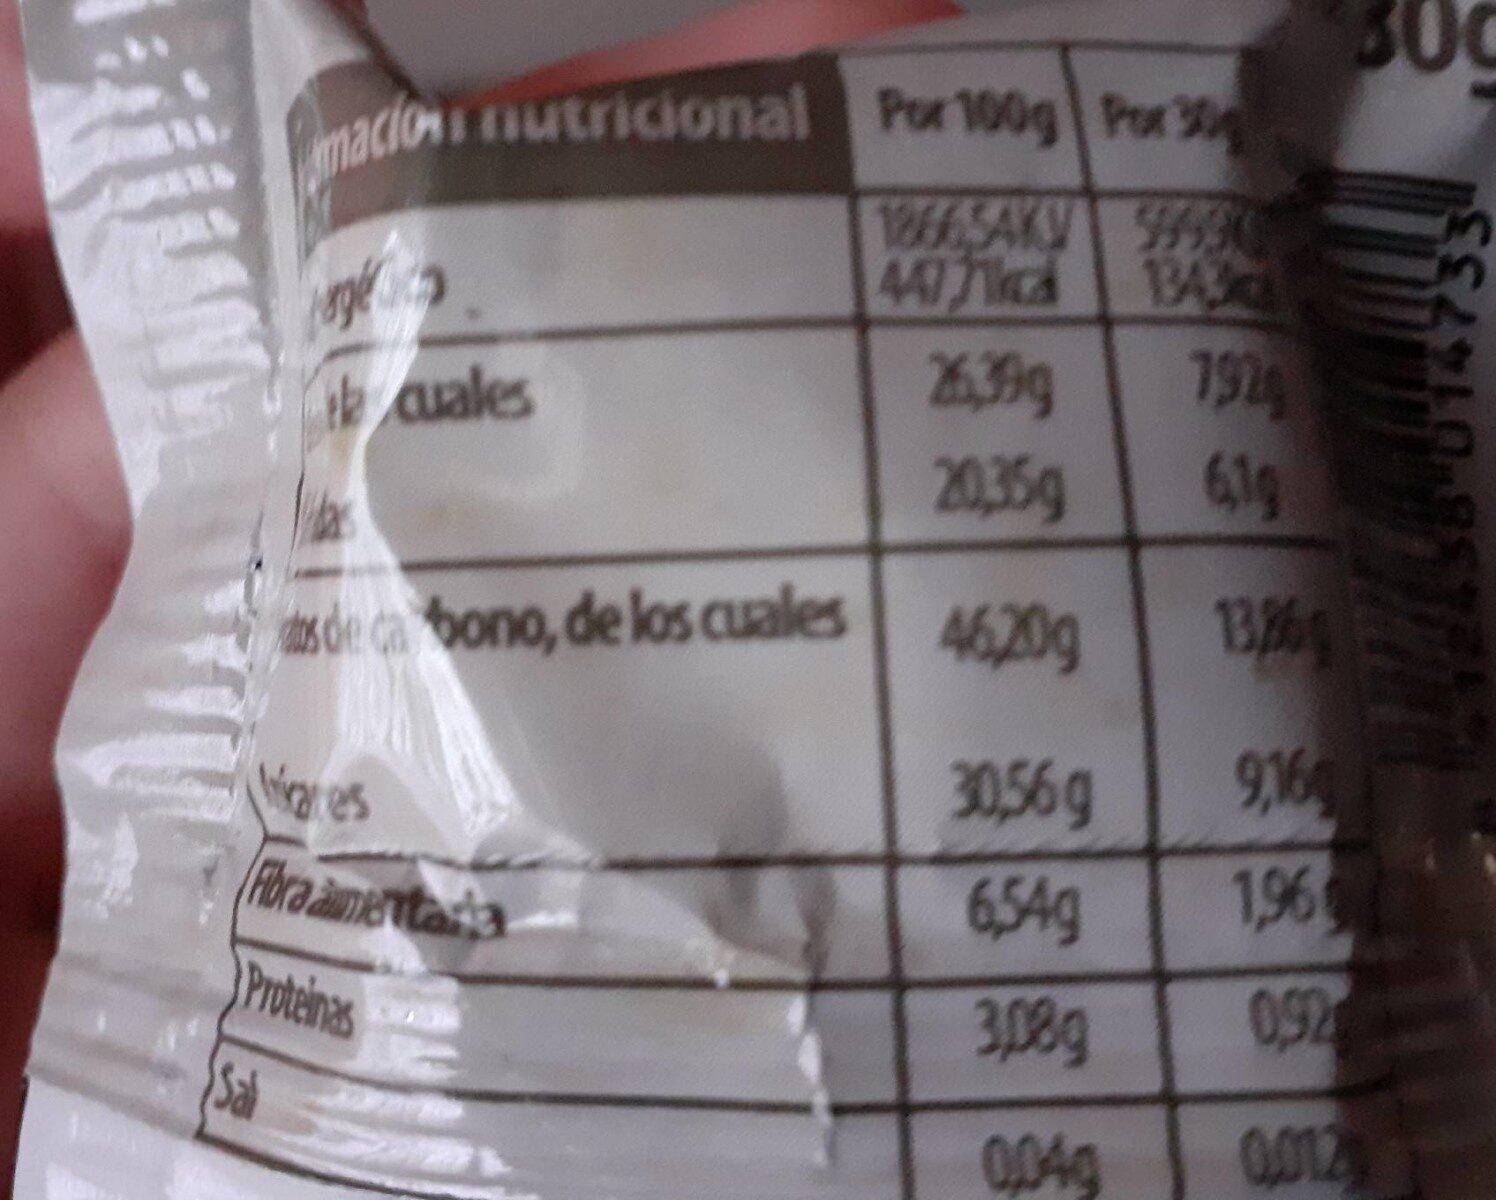 Bola de coco - Información nutricional - es